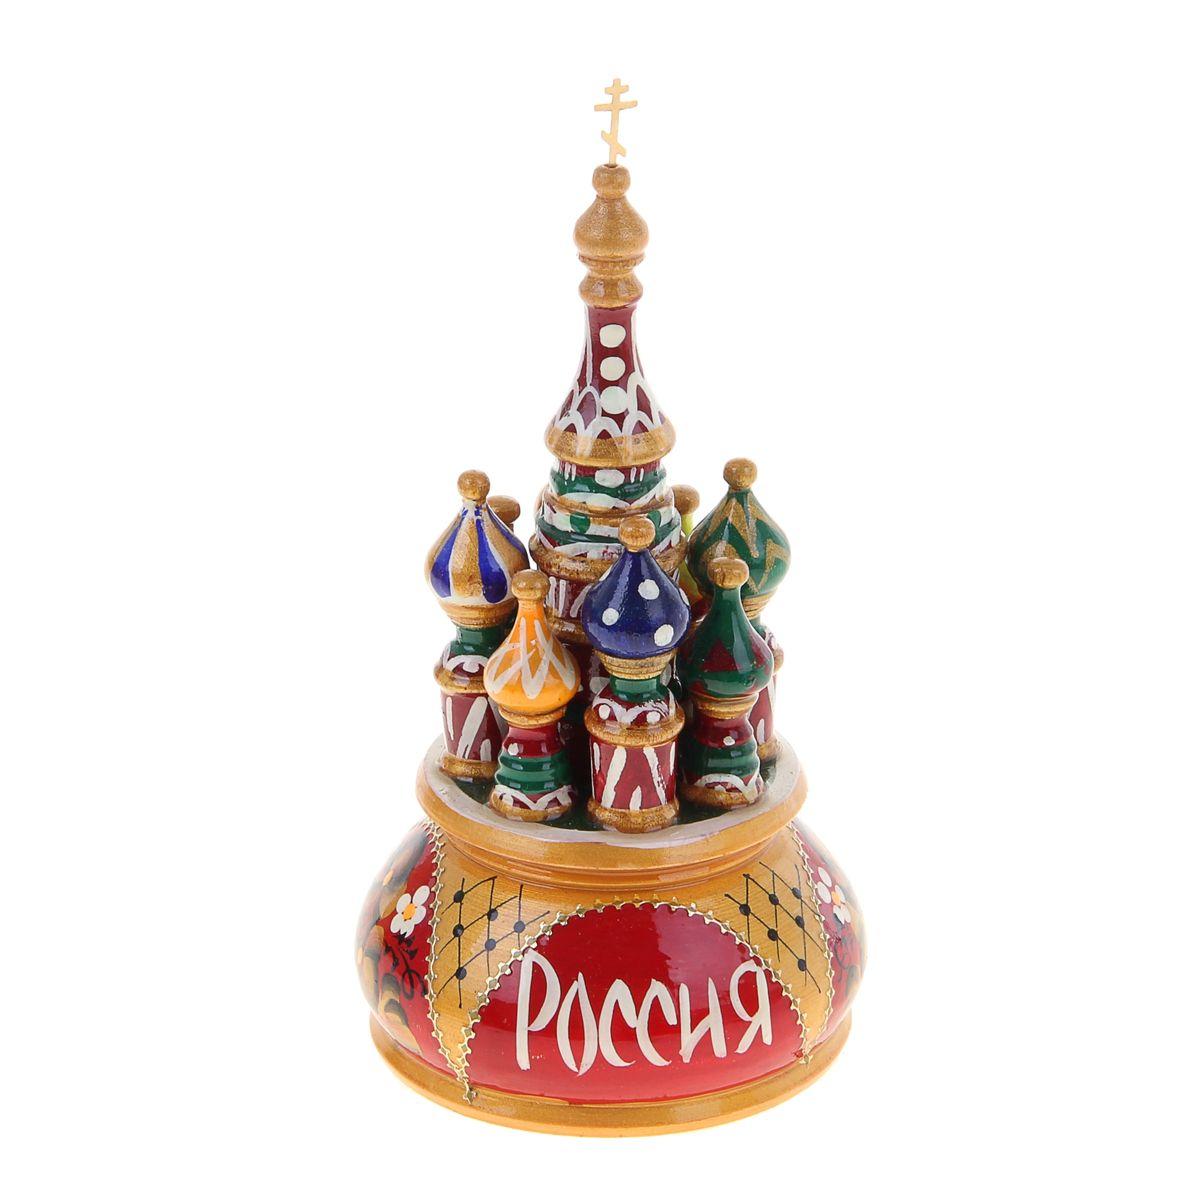 Фигурка декоративная Sima-land Храм, музыкальная, высота 19 см. 10799311079931Декоративная фигурка Sima-land Храм, выполненная из дерева в виде храма, покрыта лаком и оформлена красочными рисунками. Основание фигурки имеет ключ, предназначенный для завода музыкального механизма. Поверните основание фигурки, и она начнет медленно вращаться, и заиграет приятная мелодия. Декоративная музыкальна фигурка Sima-land Храм не оставит равнодушным ни одного любителя изысканных вещей и станет прекрасным подарком. Размер фигурки: 9,5 см х 9,5 см х 19 см.